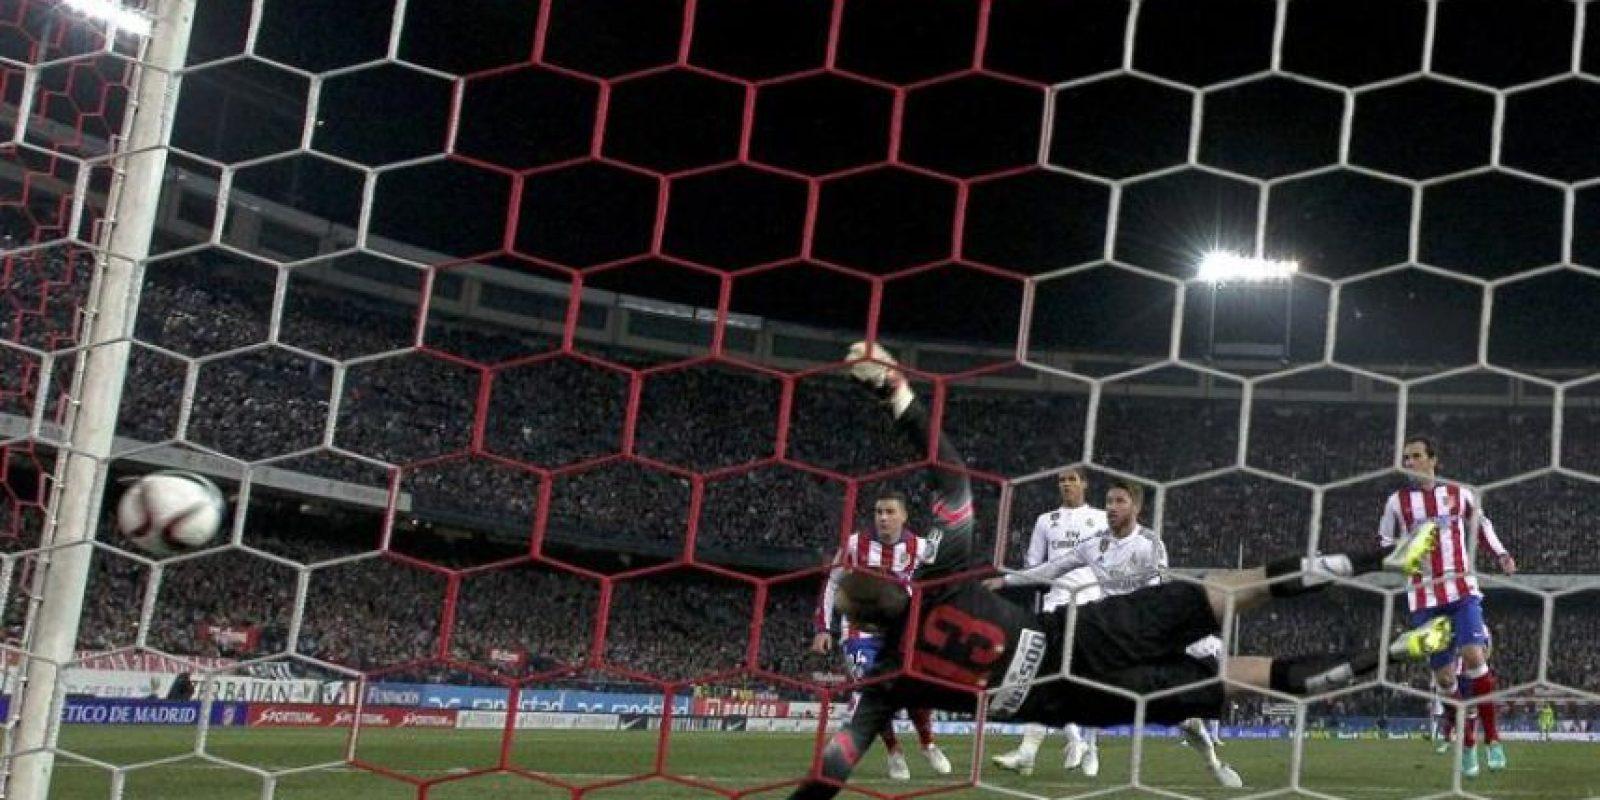 El Atlético buscará mantener su ventaja en el partido de vuelta que se jugará en el Santiago Bernabéu. Foto:EFE